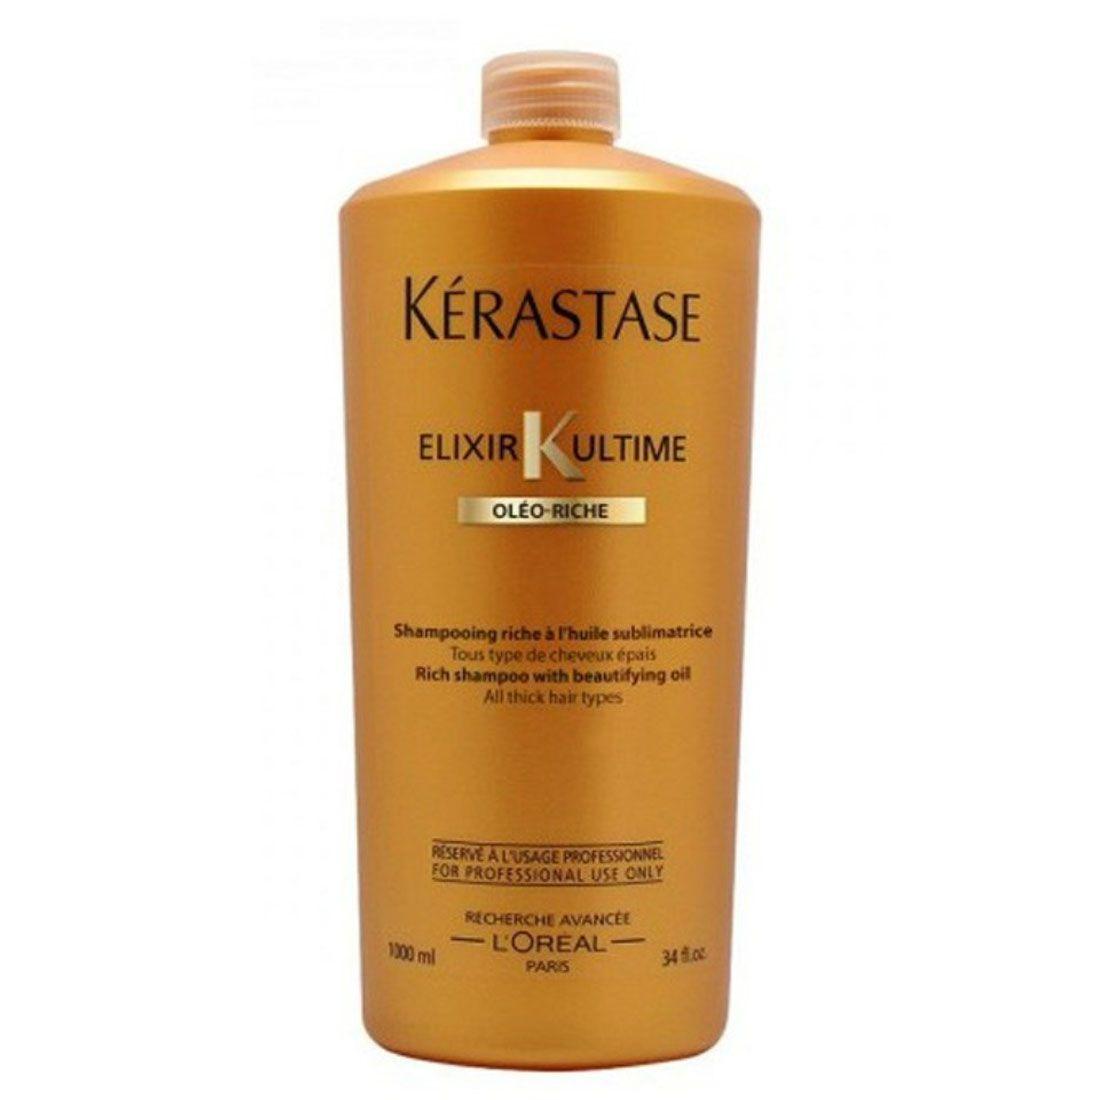 Shampoo Kérastase Elixir K Ultime Oléo Riche 1L